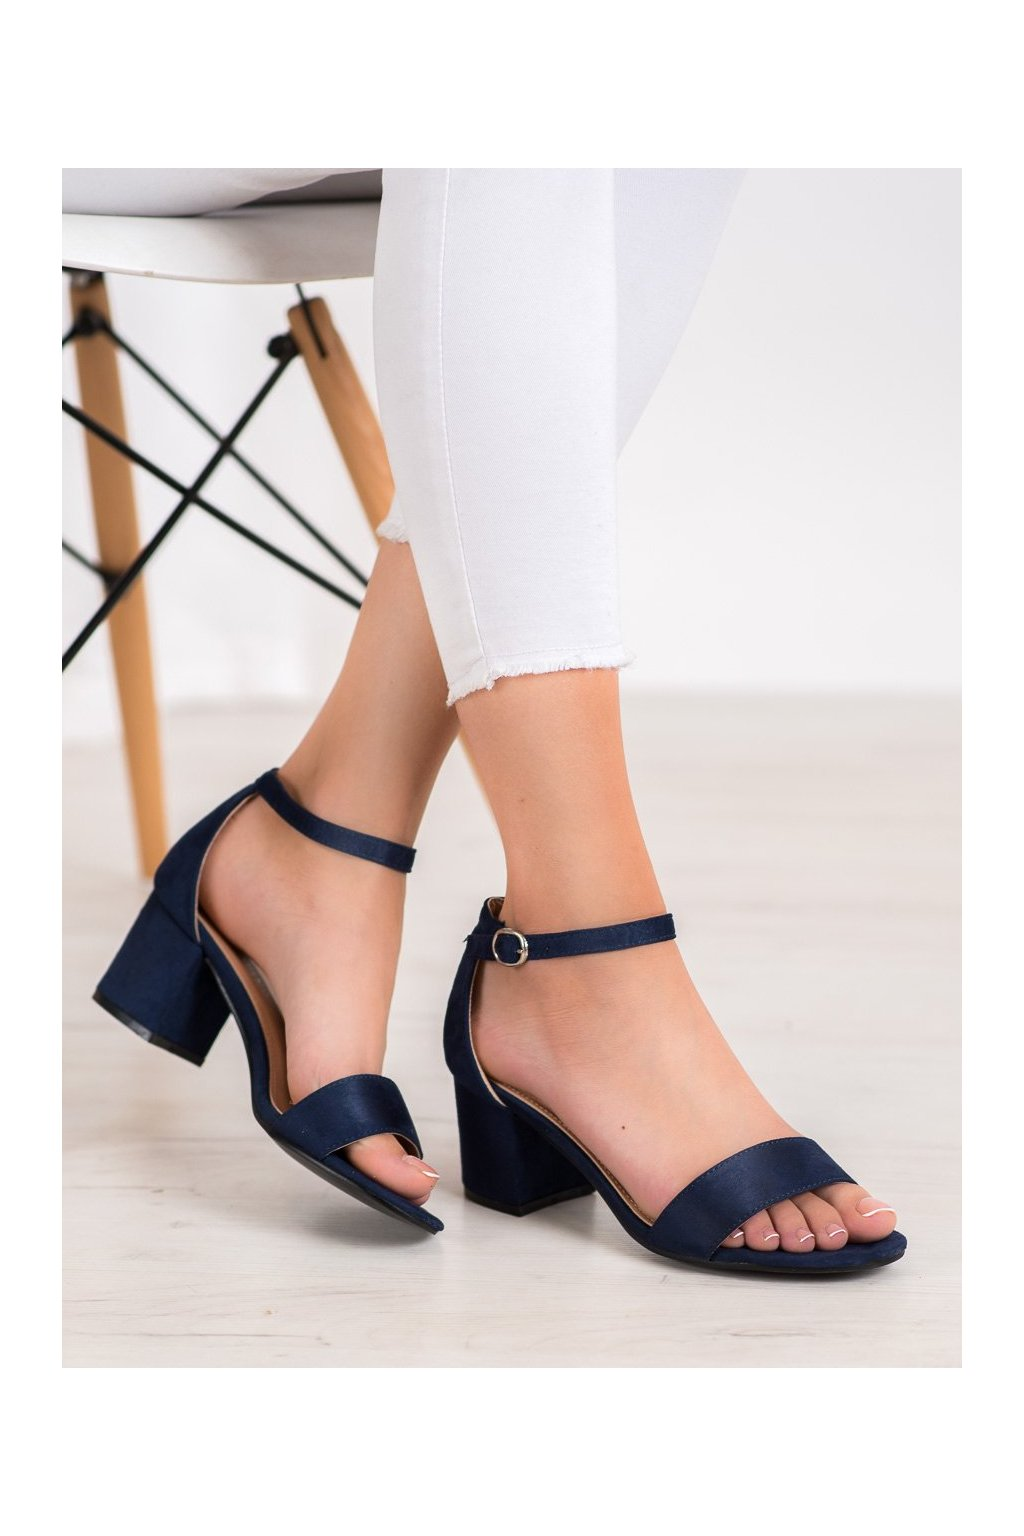 Modré sandále Diamantique kod 1170-13DK.BL